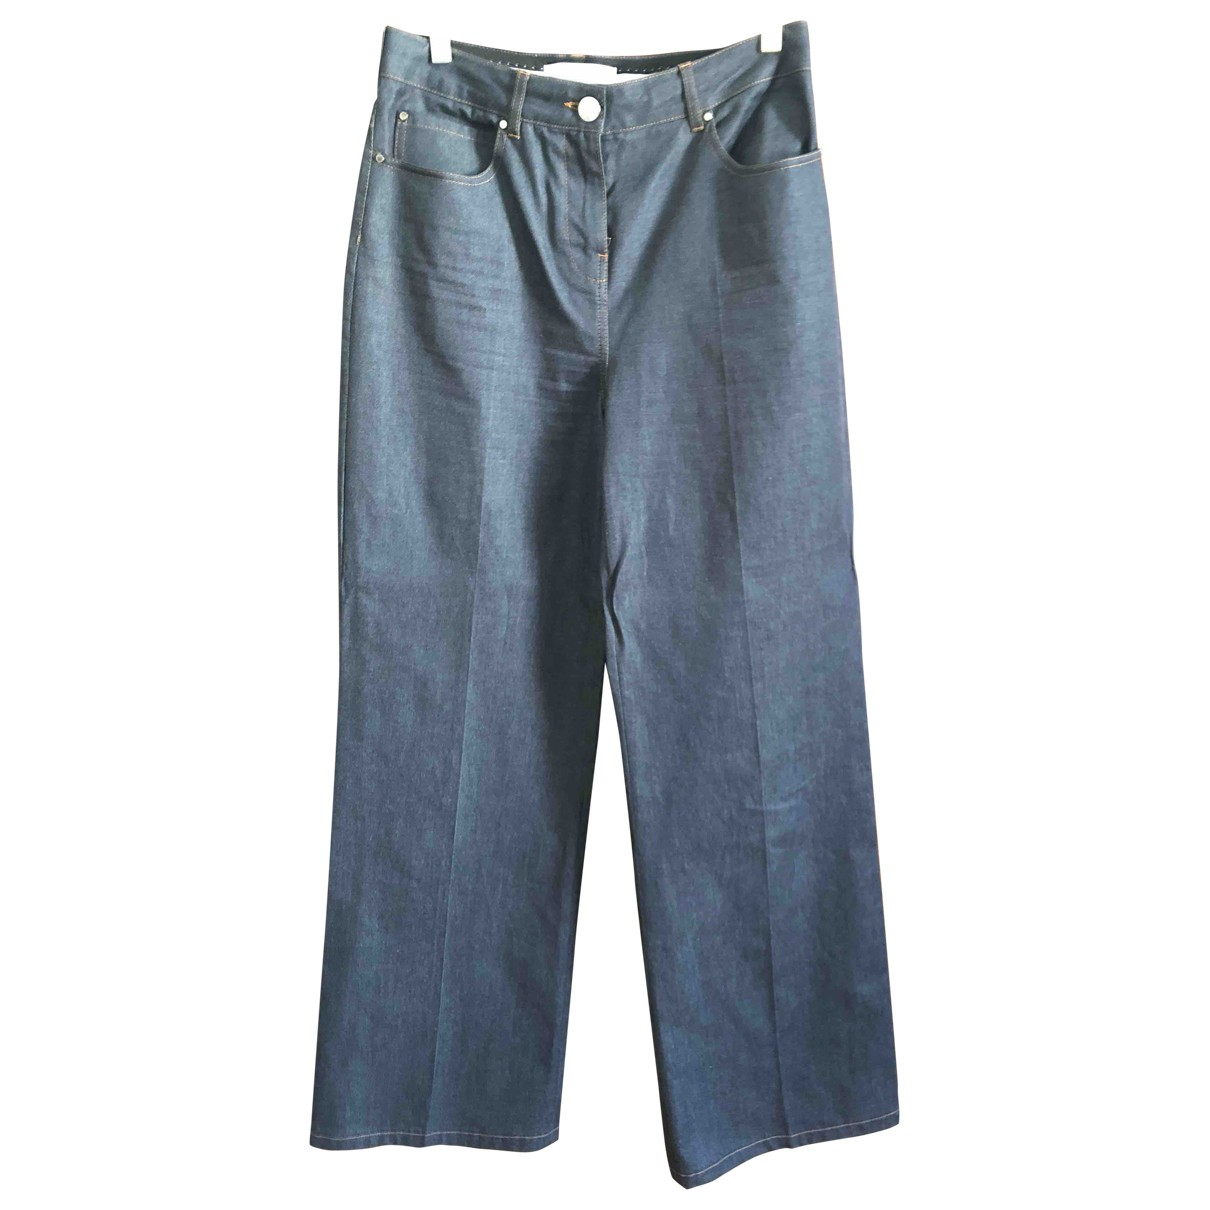 Pantalon largo Max Mara